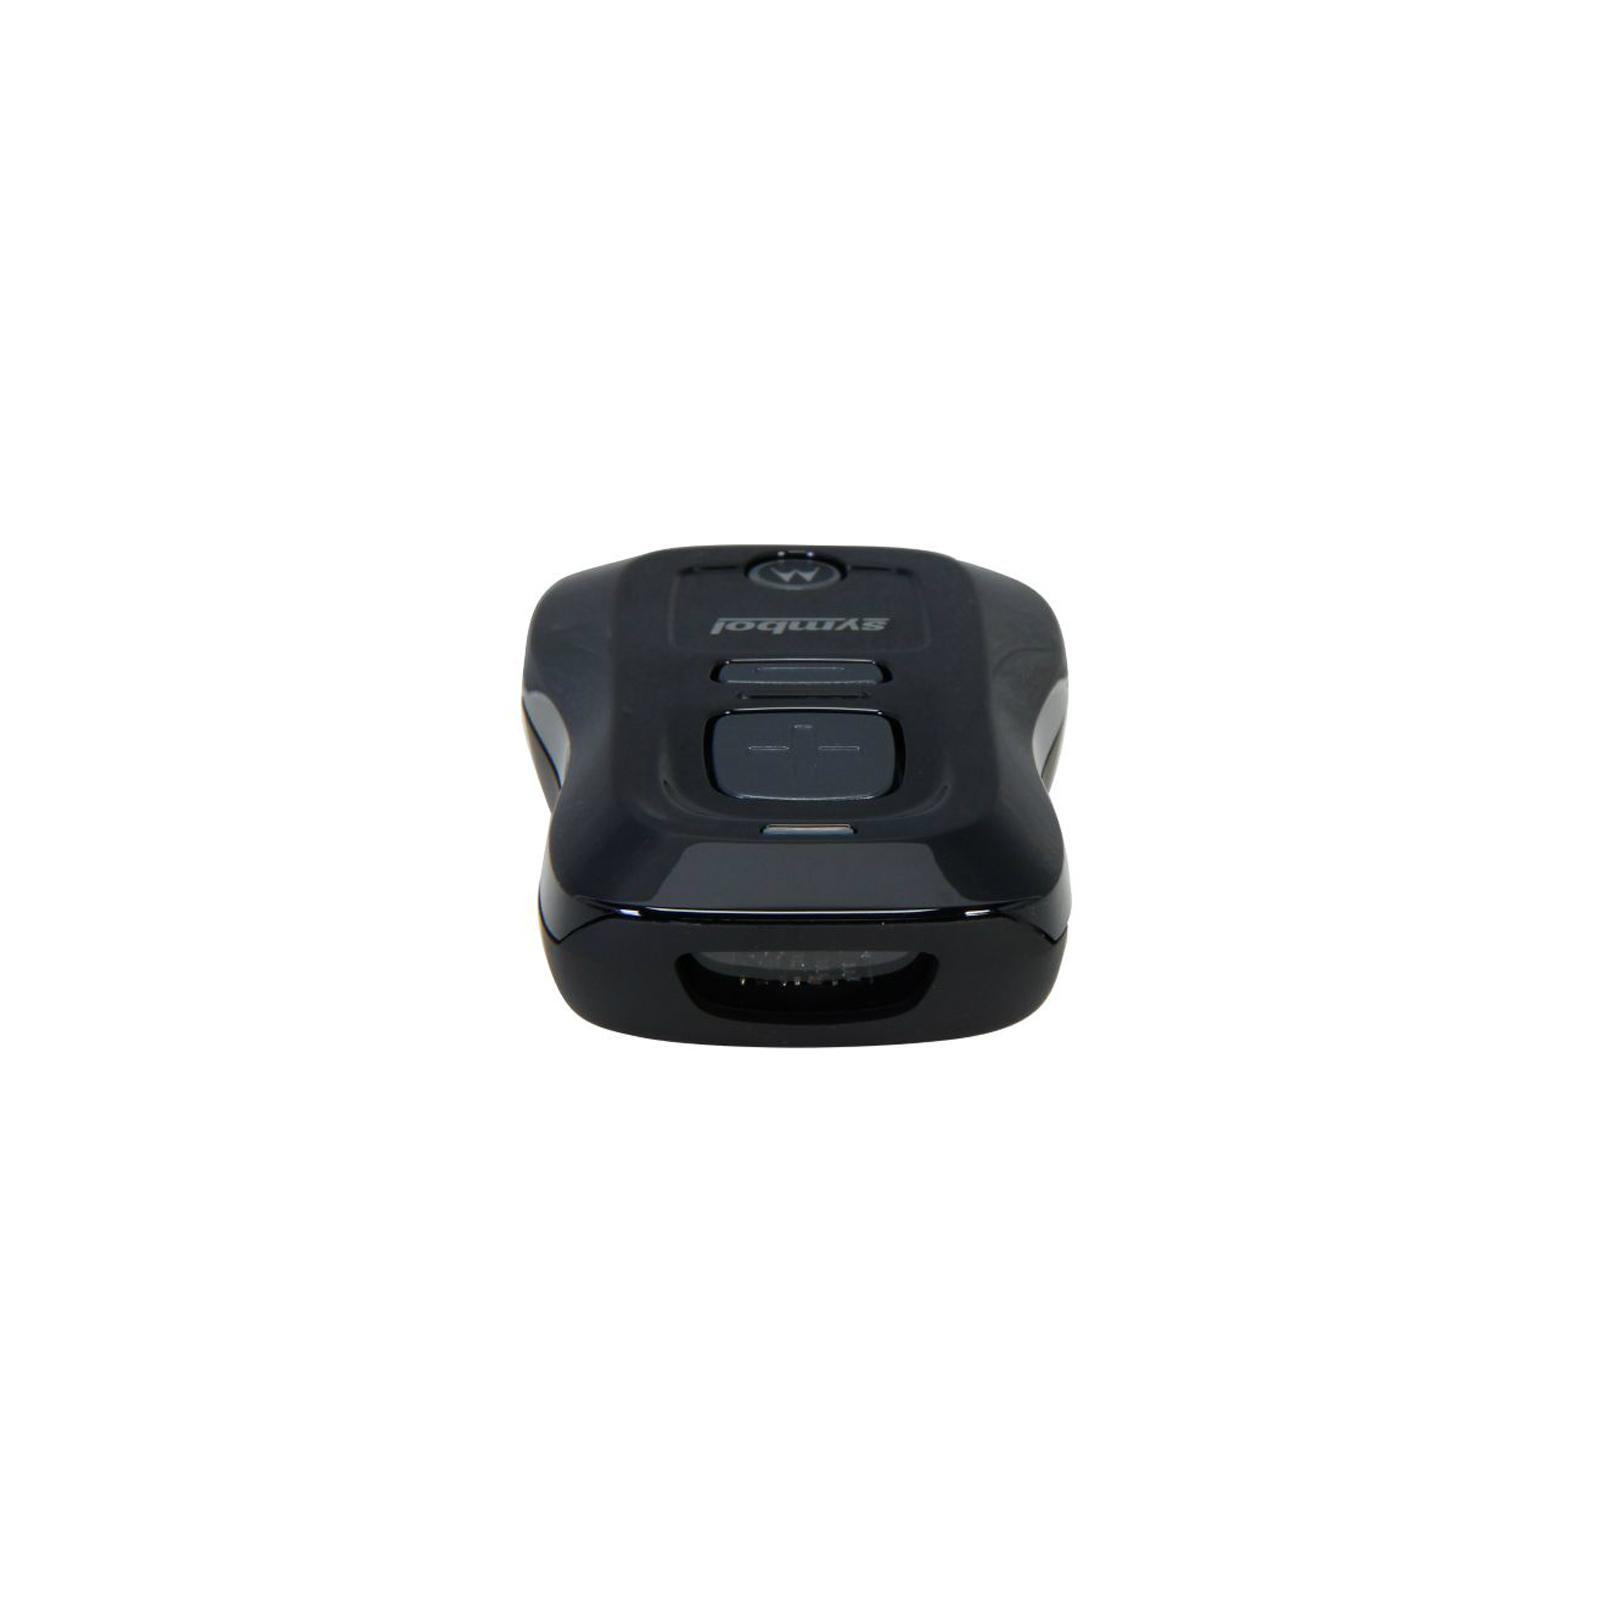 Сканер штрих-кода Symbol/Zebra CS3070 bluetooth (CS3070-SR10007WW) изображение 5